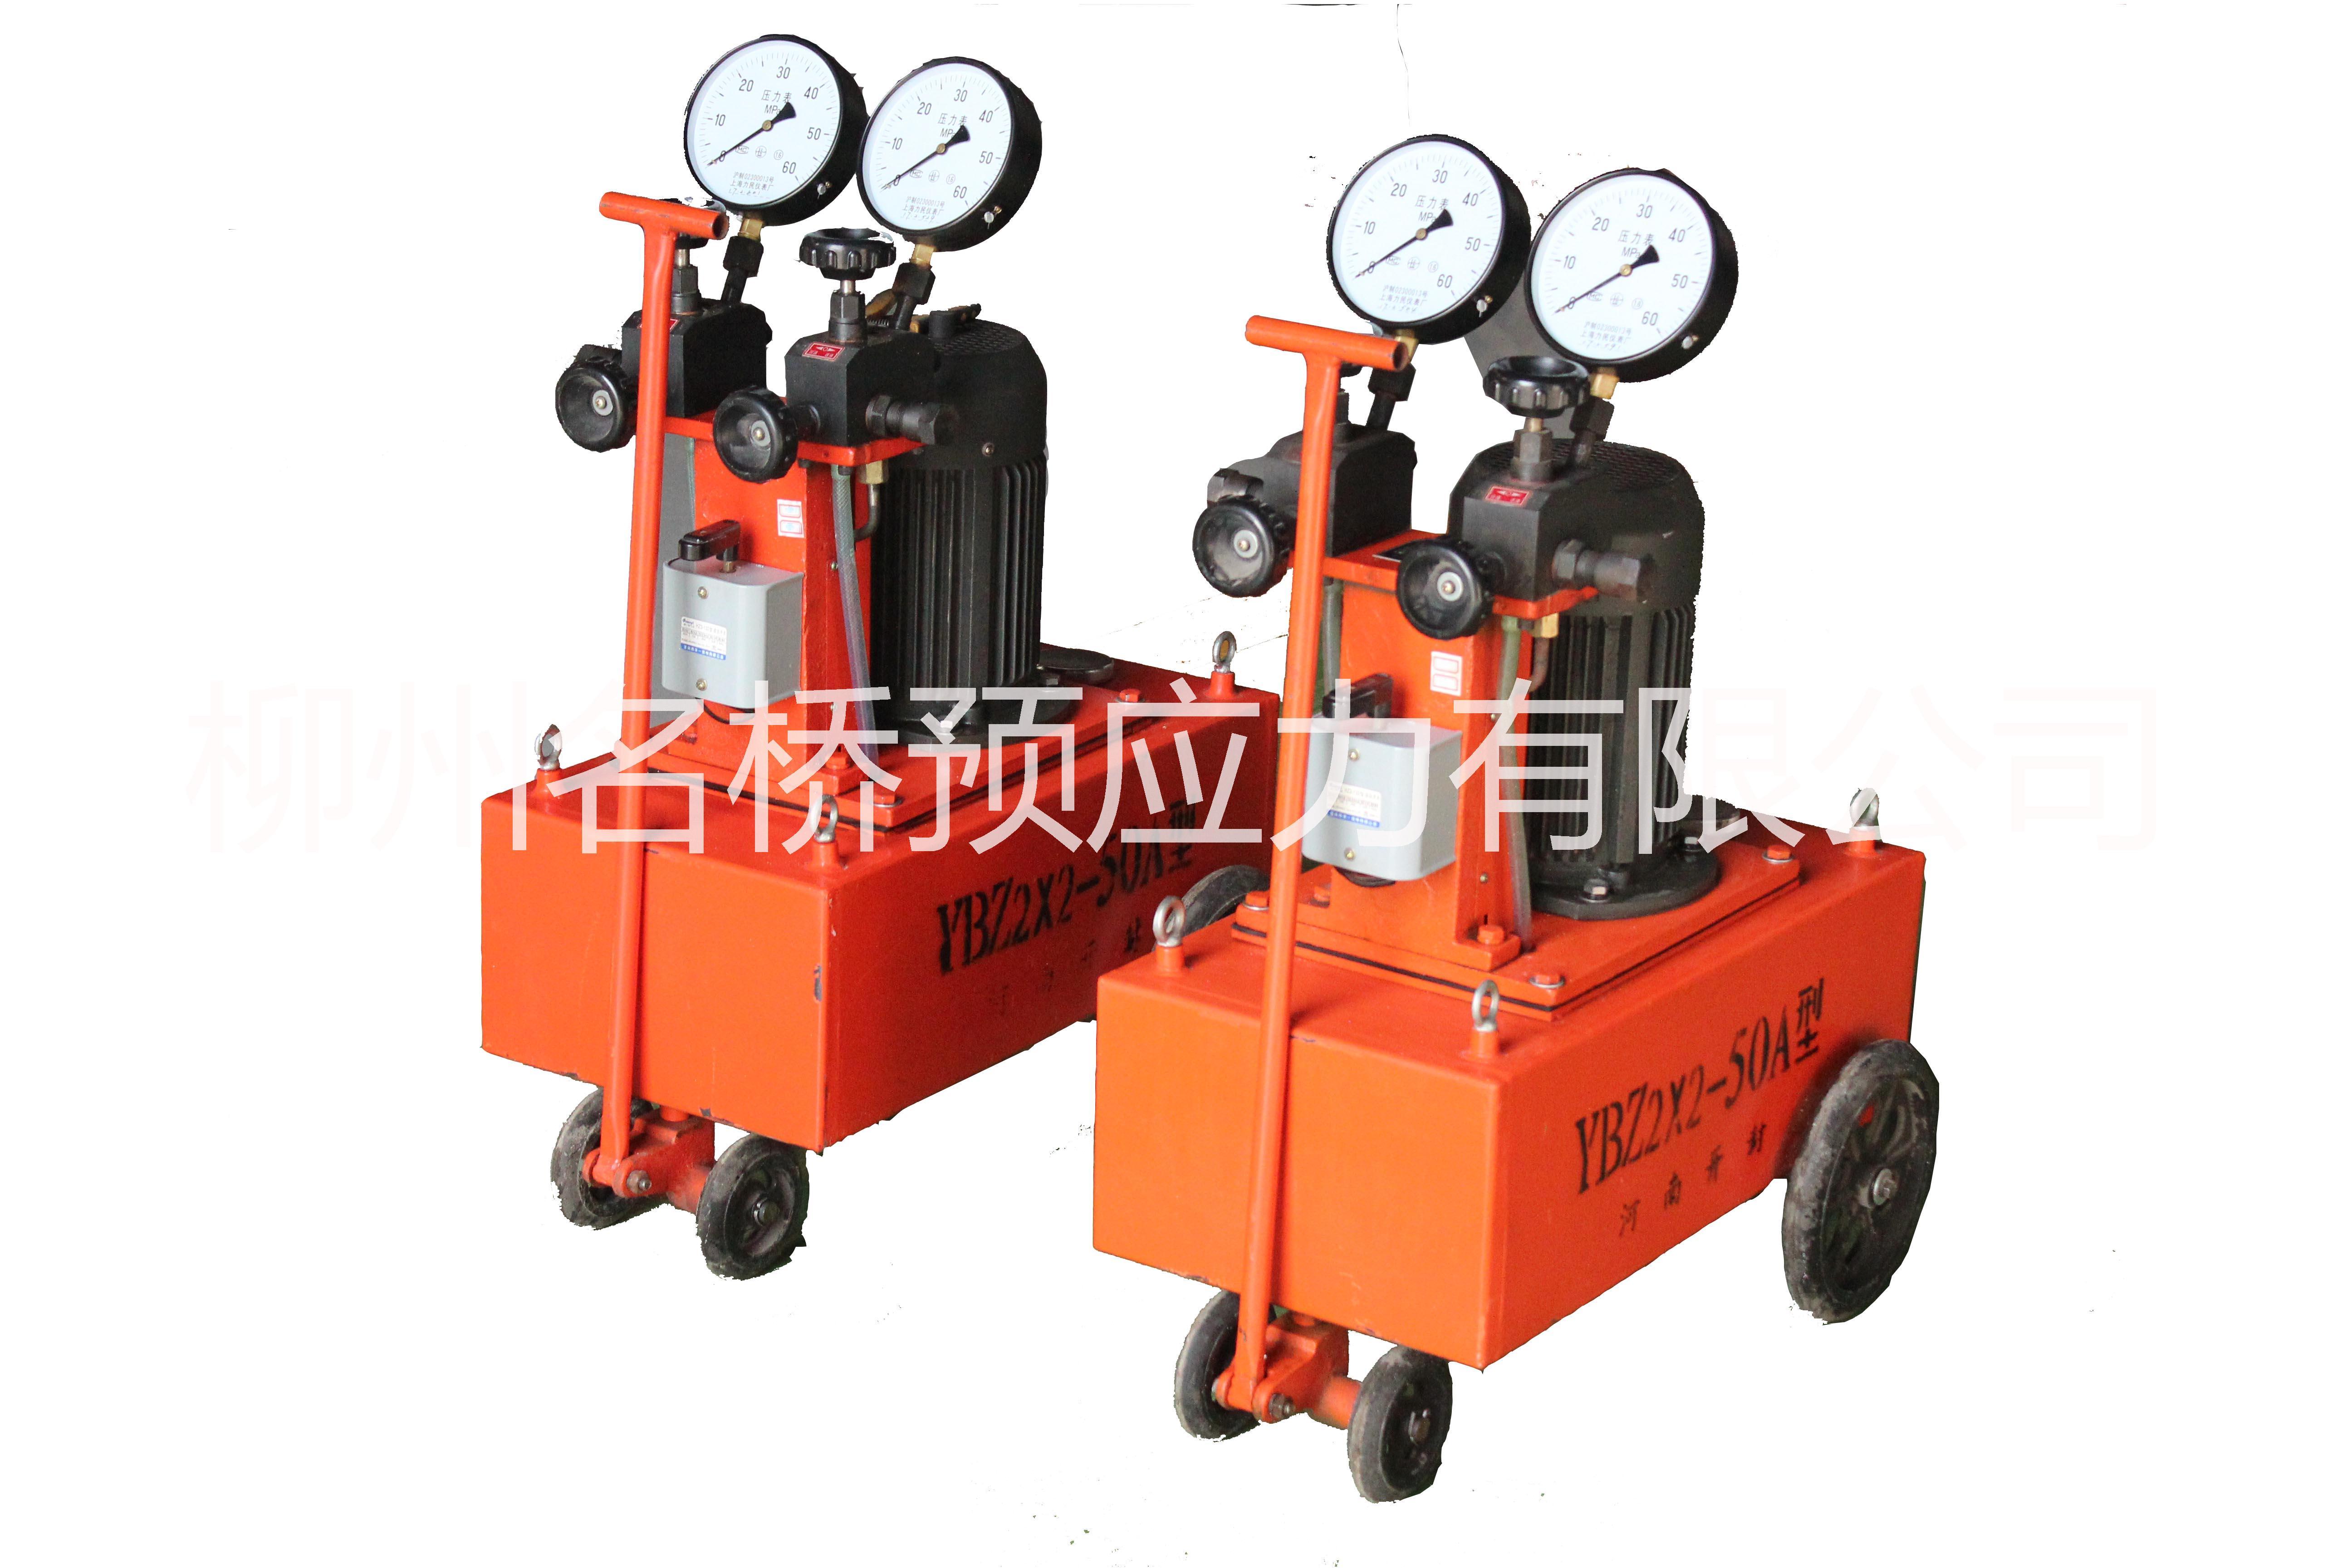 供应商张拉油泵千斤顶厂家批发价/张拉油泵千斤顶定制